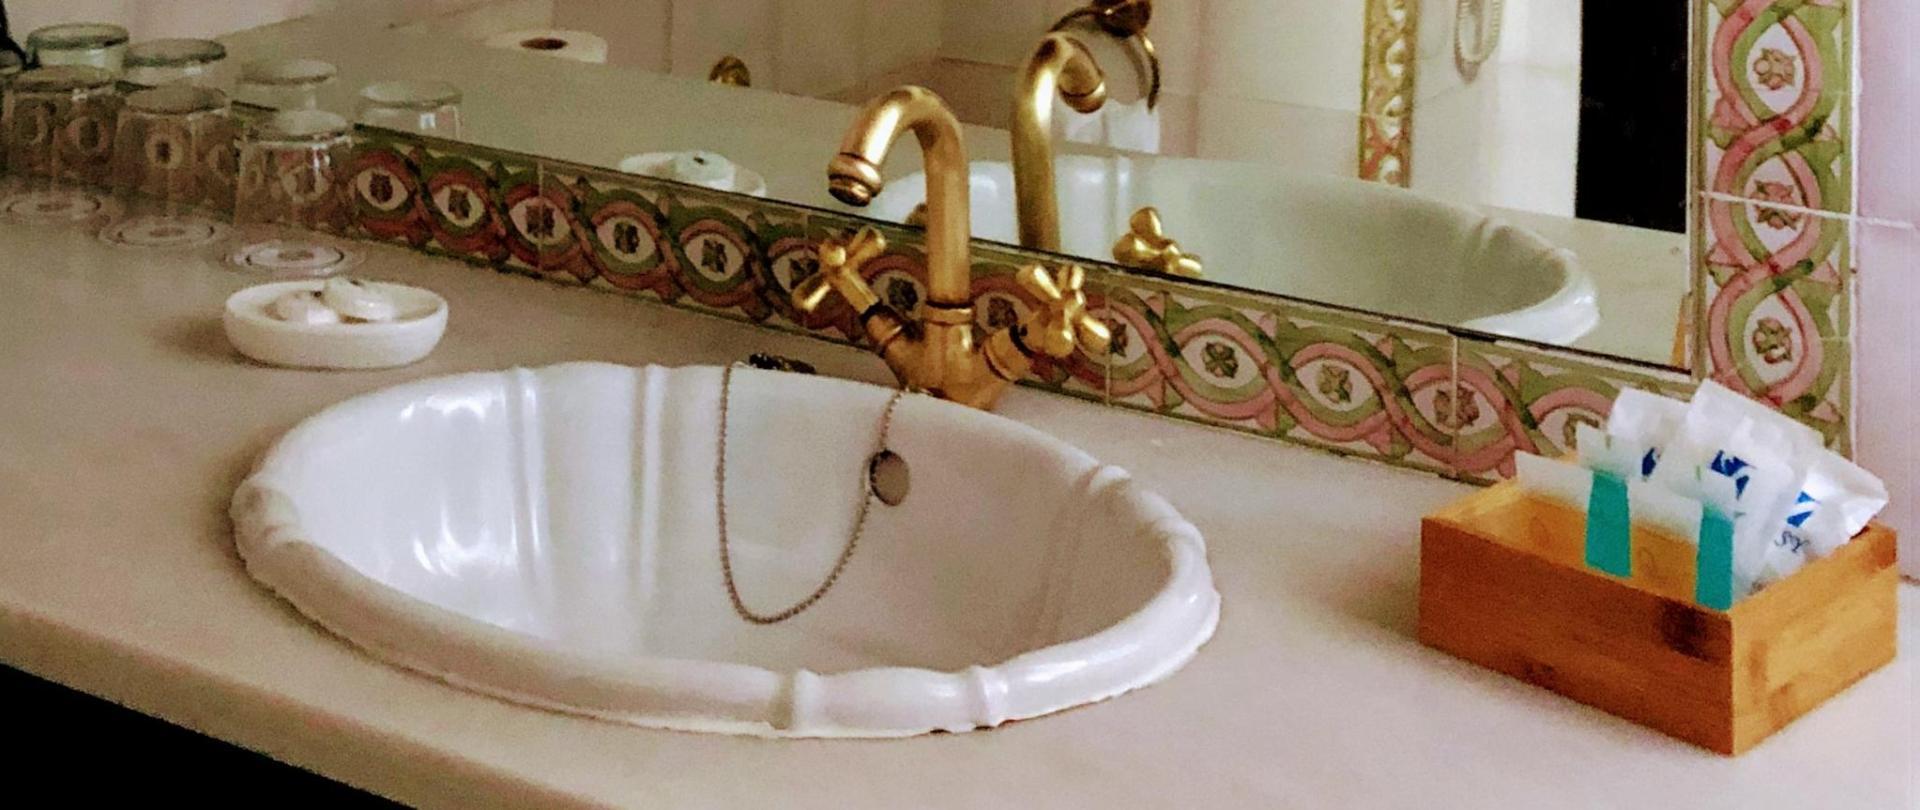 Baño Cuádruple.jpg